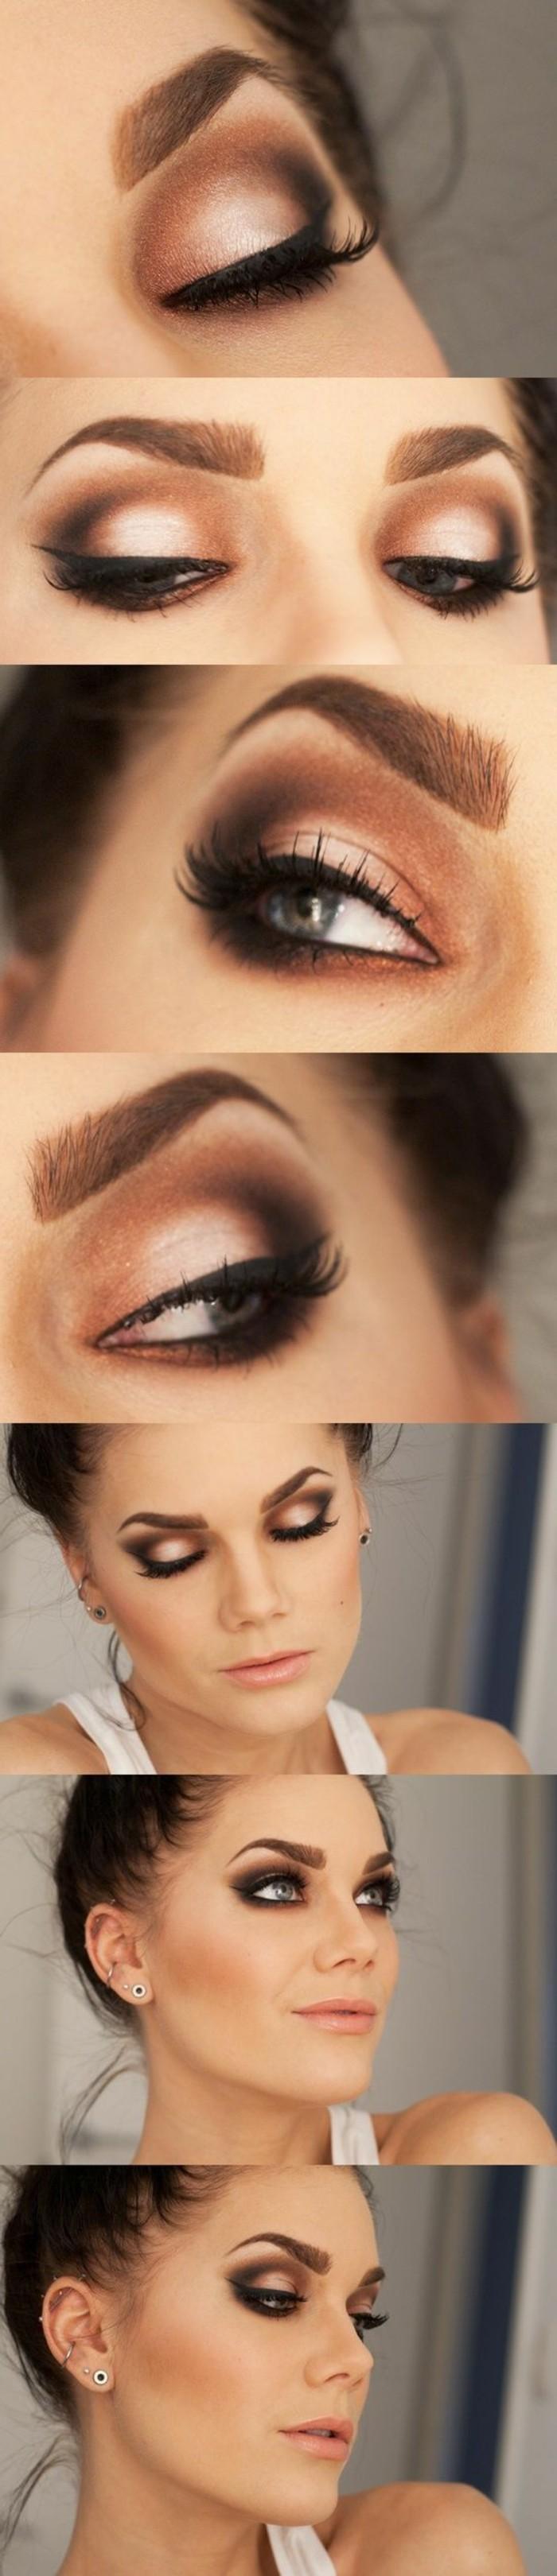 000-comment-faire-un-maquillage-adel-maquillage-yeux-de-chat-tuto